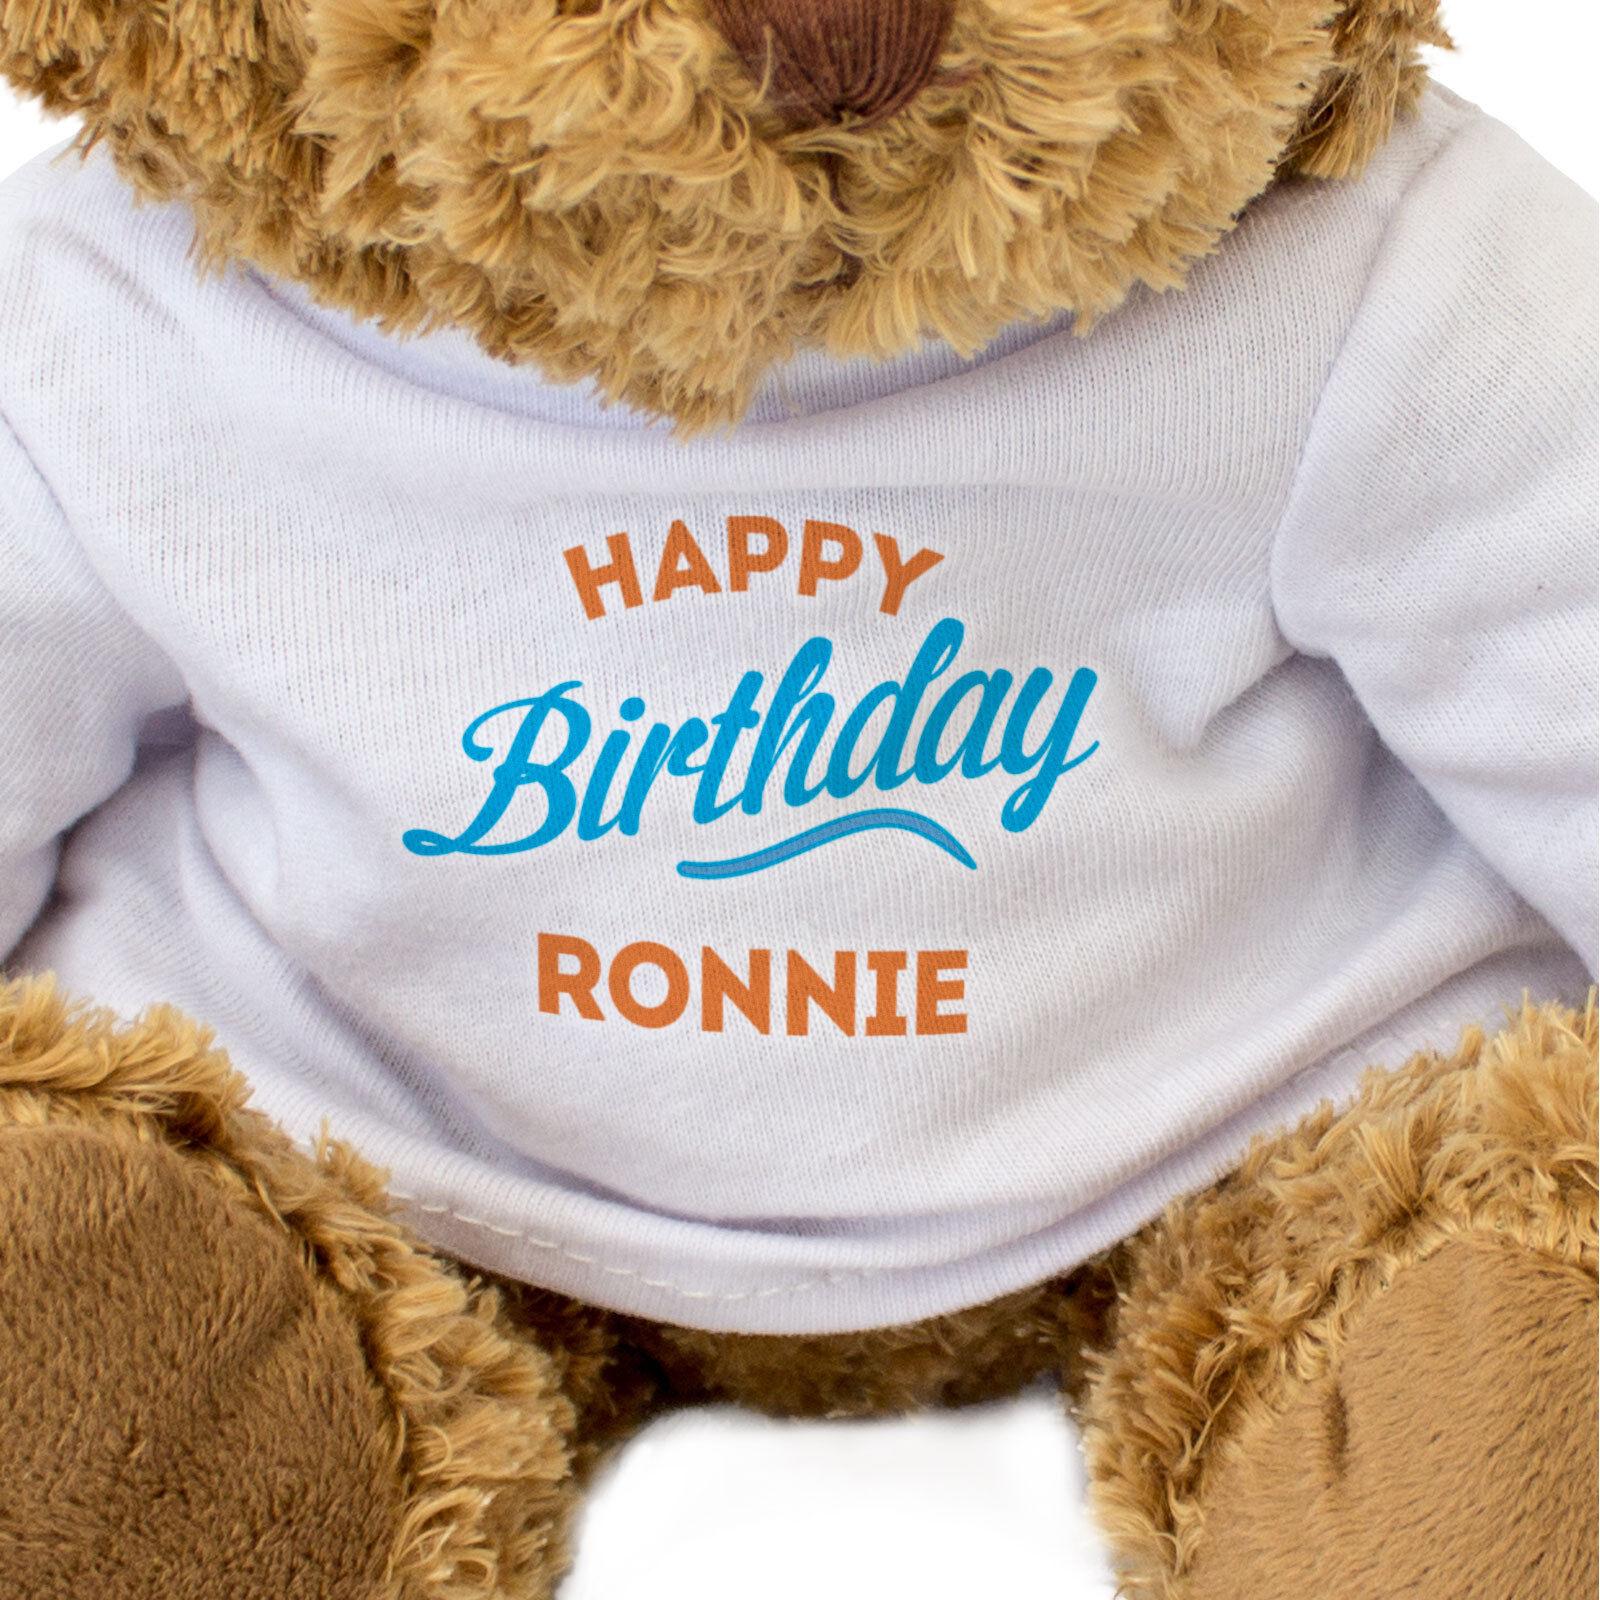 Nuevo-Feliz Cumpleaños Ronnie-Oso Ronnie-Oso Ronnie-Oso de Peluche-Regalo Lindo Suave Peluche-presente 0990cf